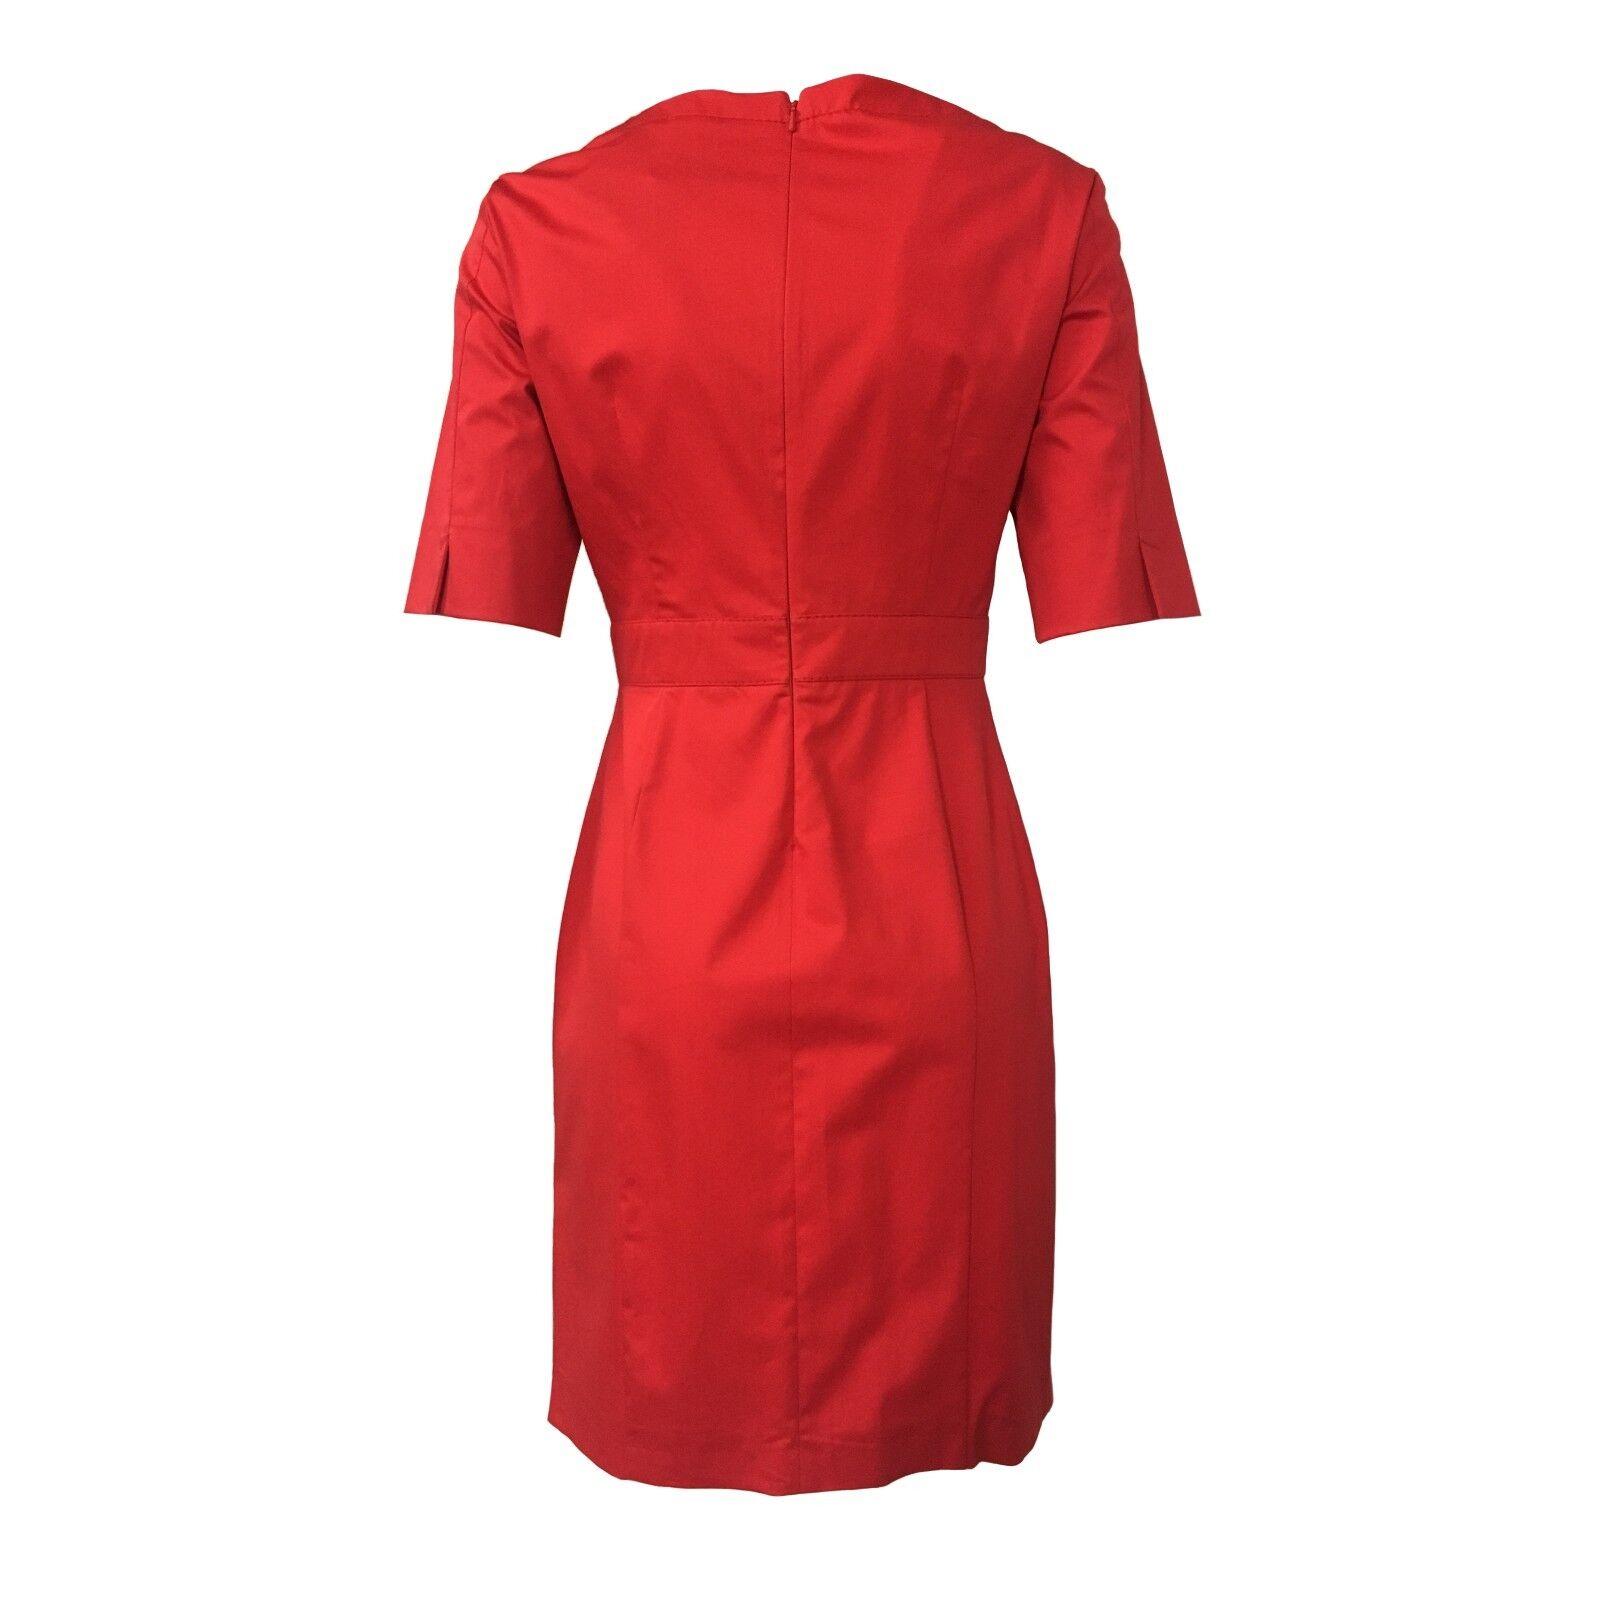 4e544b37236b ... PENNYnero PENNYnero PENNYnero abito donna rosso mezza manica mod  MAQUETTE 96% cotone 4% elastan ...